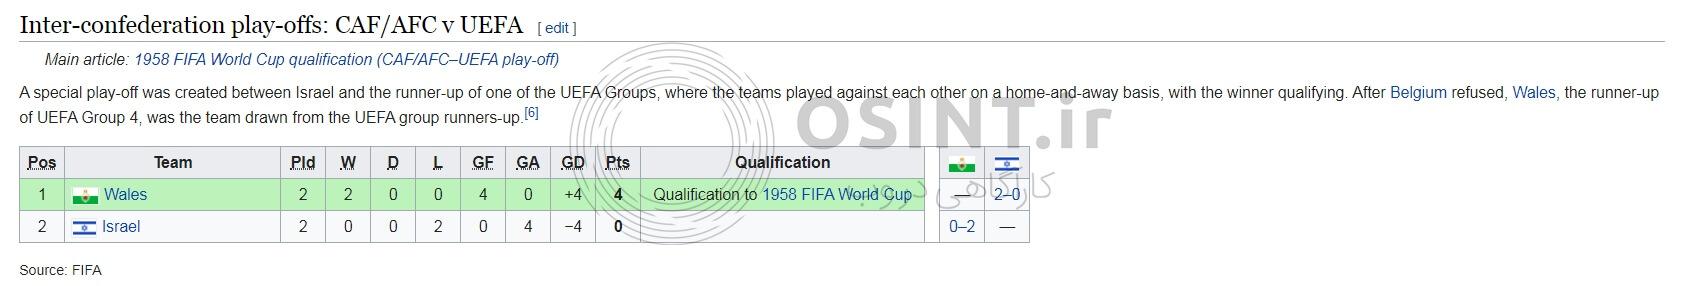 شکست اسرائیل در پلی آف ویژه برای صعود به جام جهانی 1958